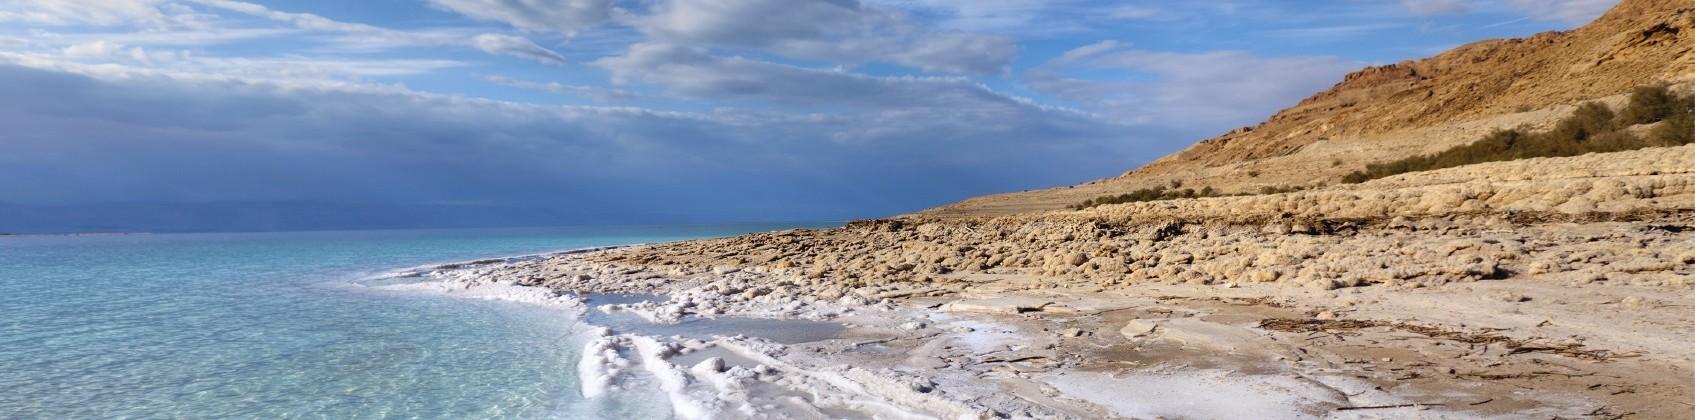 dead-sea-beach ban